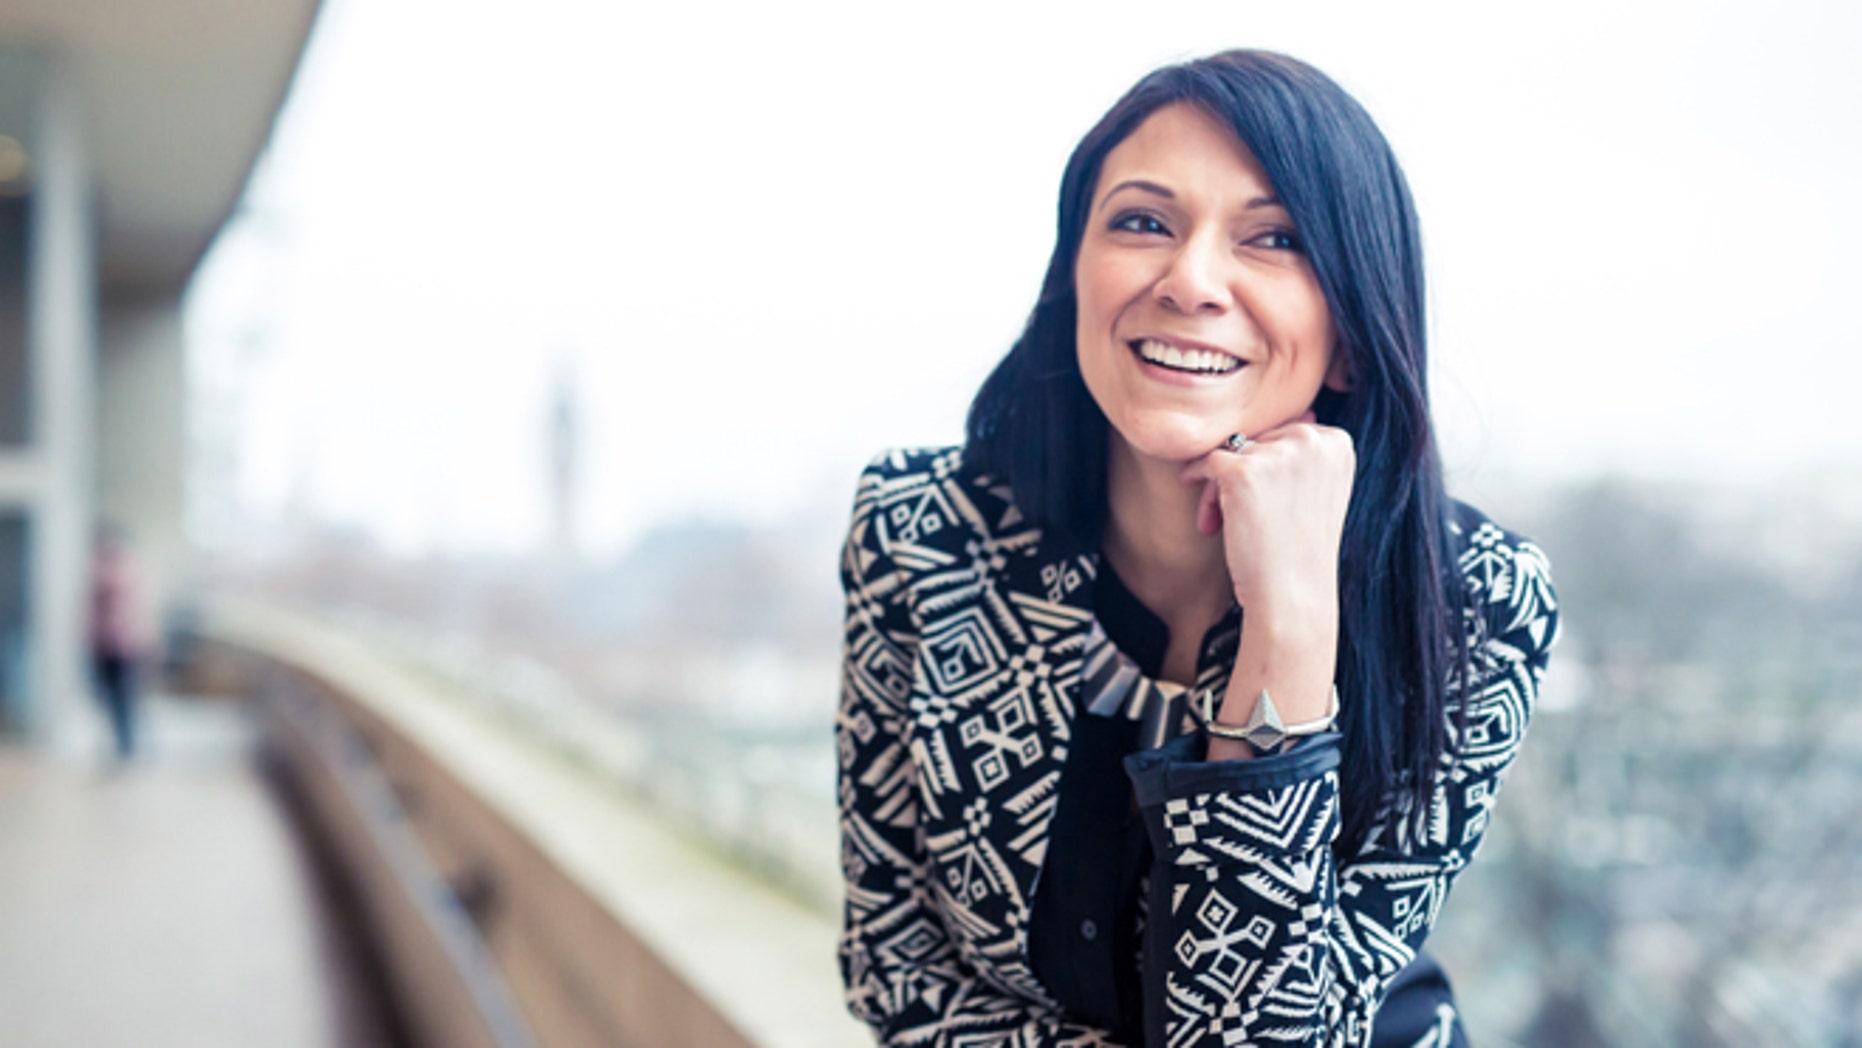 Alexandra Jimenez in London. (Photo: Maria Fernandez at Chio photography)